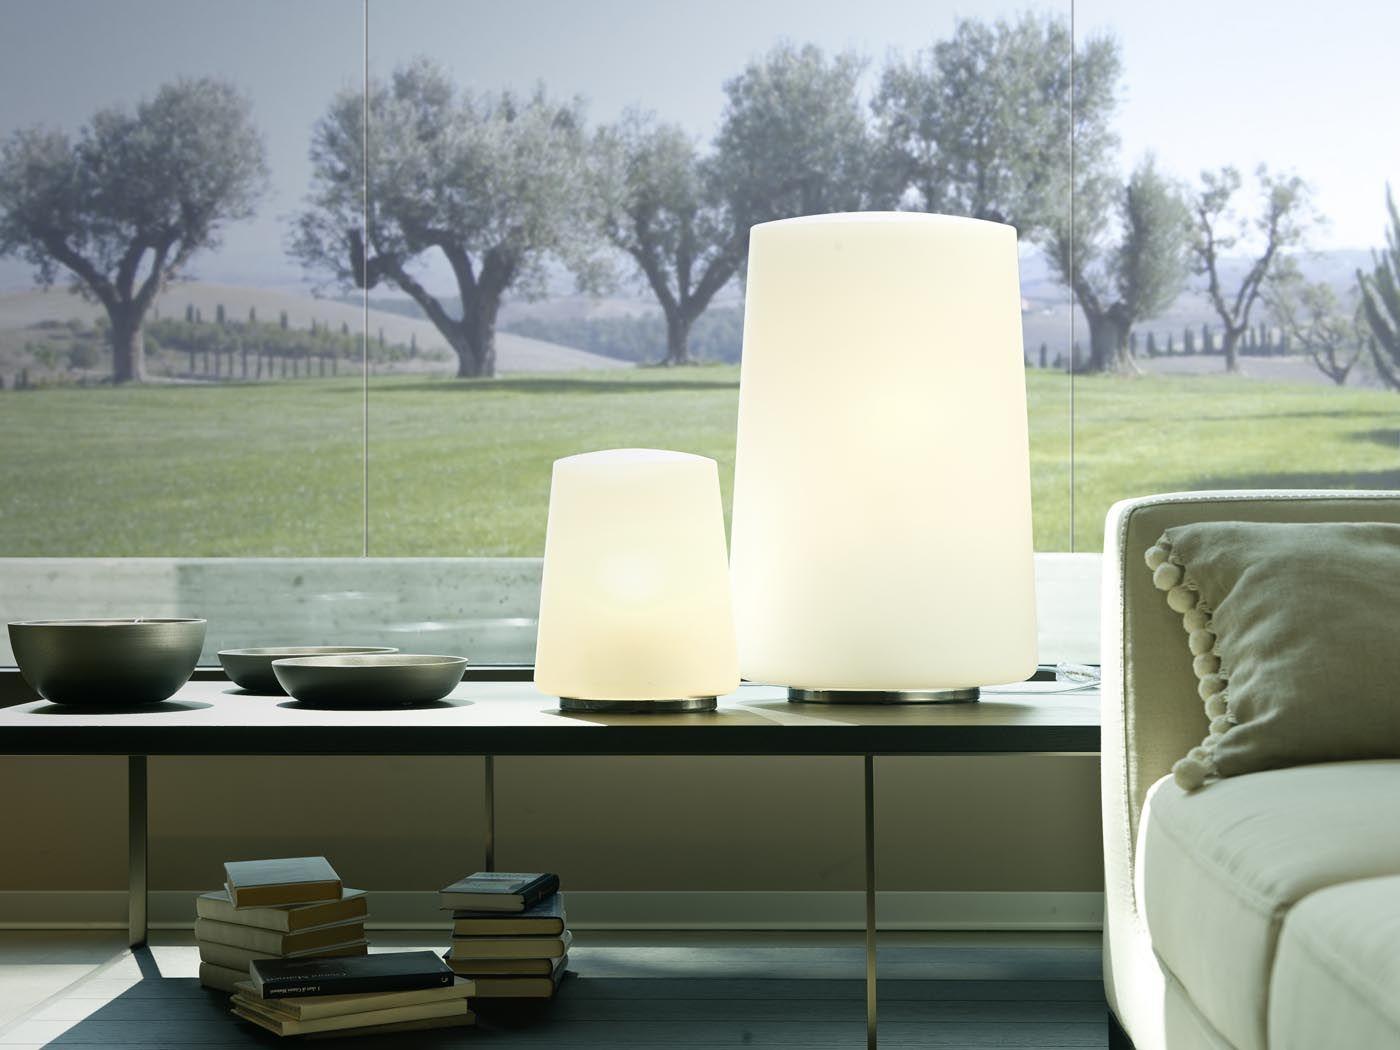 Polar, lampada da terra e da tavolo è stata progettata da Umberto Asnago. Minimale ma non minima, la forma ovale propone un'immagine essenziale. Questa collezione realizzata completamente in vetro soffiato opalino bianco si fonde armoniosamente nell'ambiente creando una perfetta illuminazione.